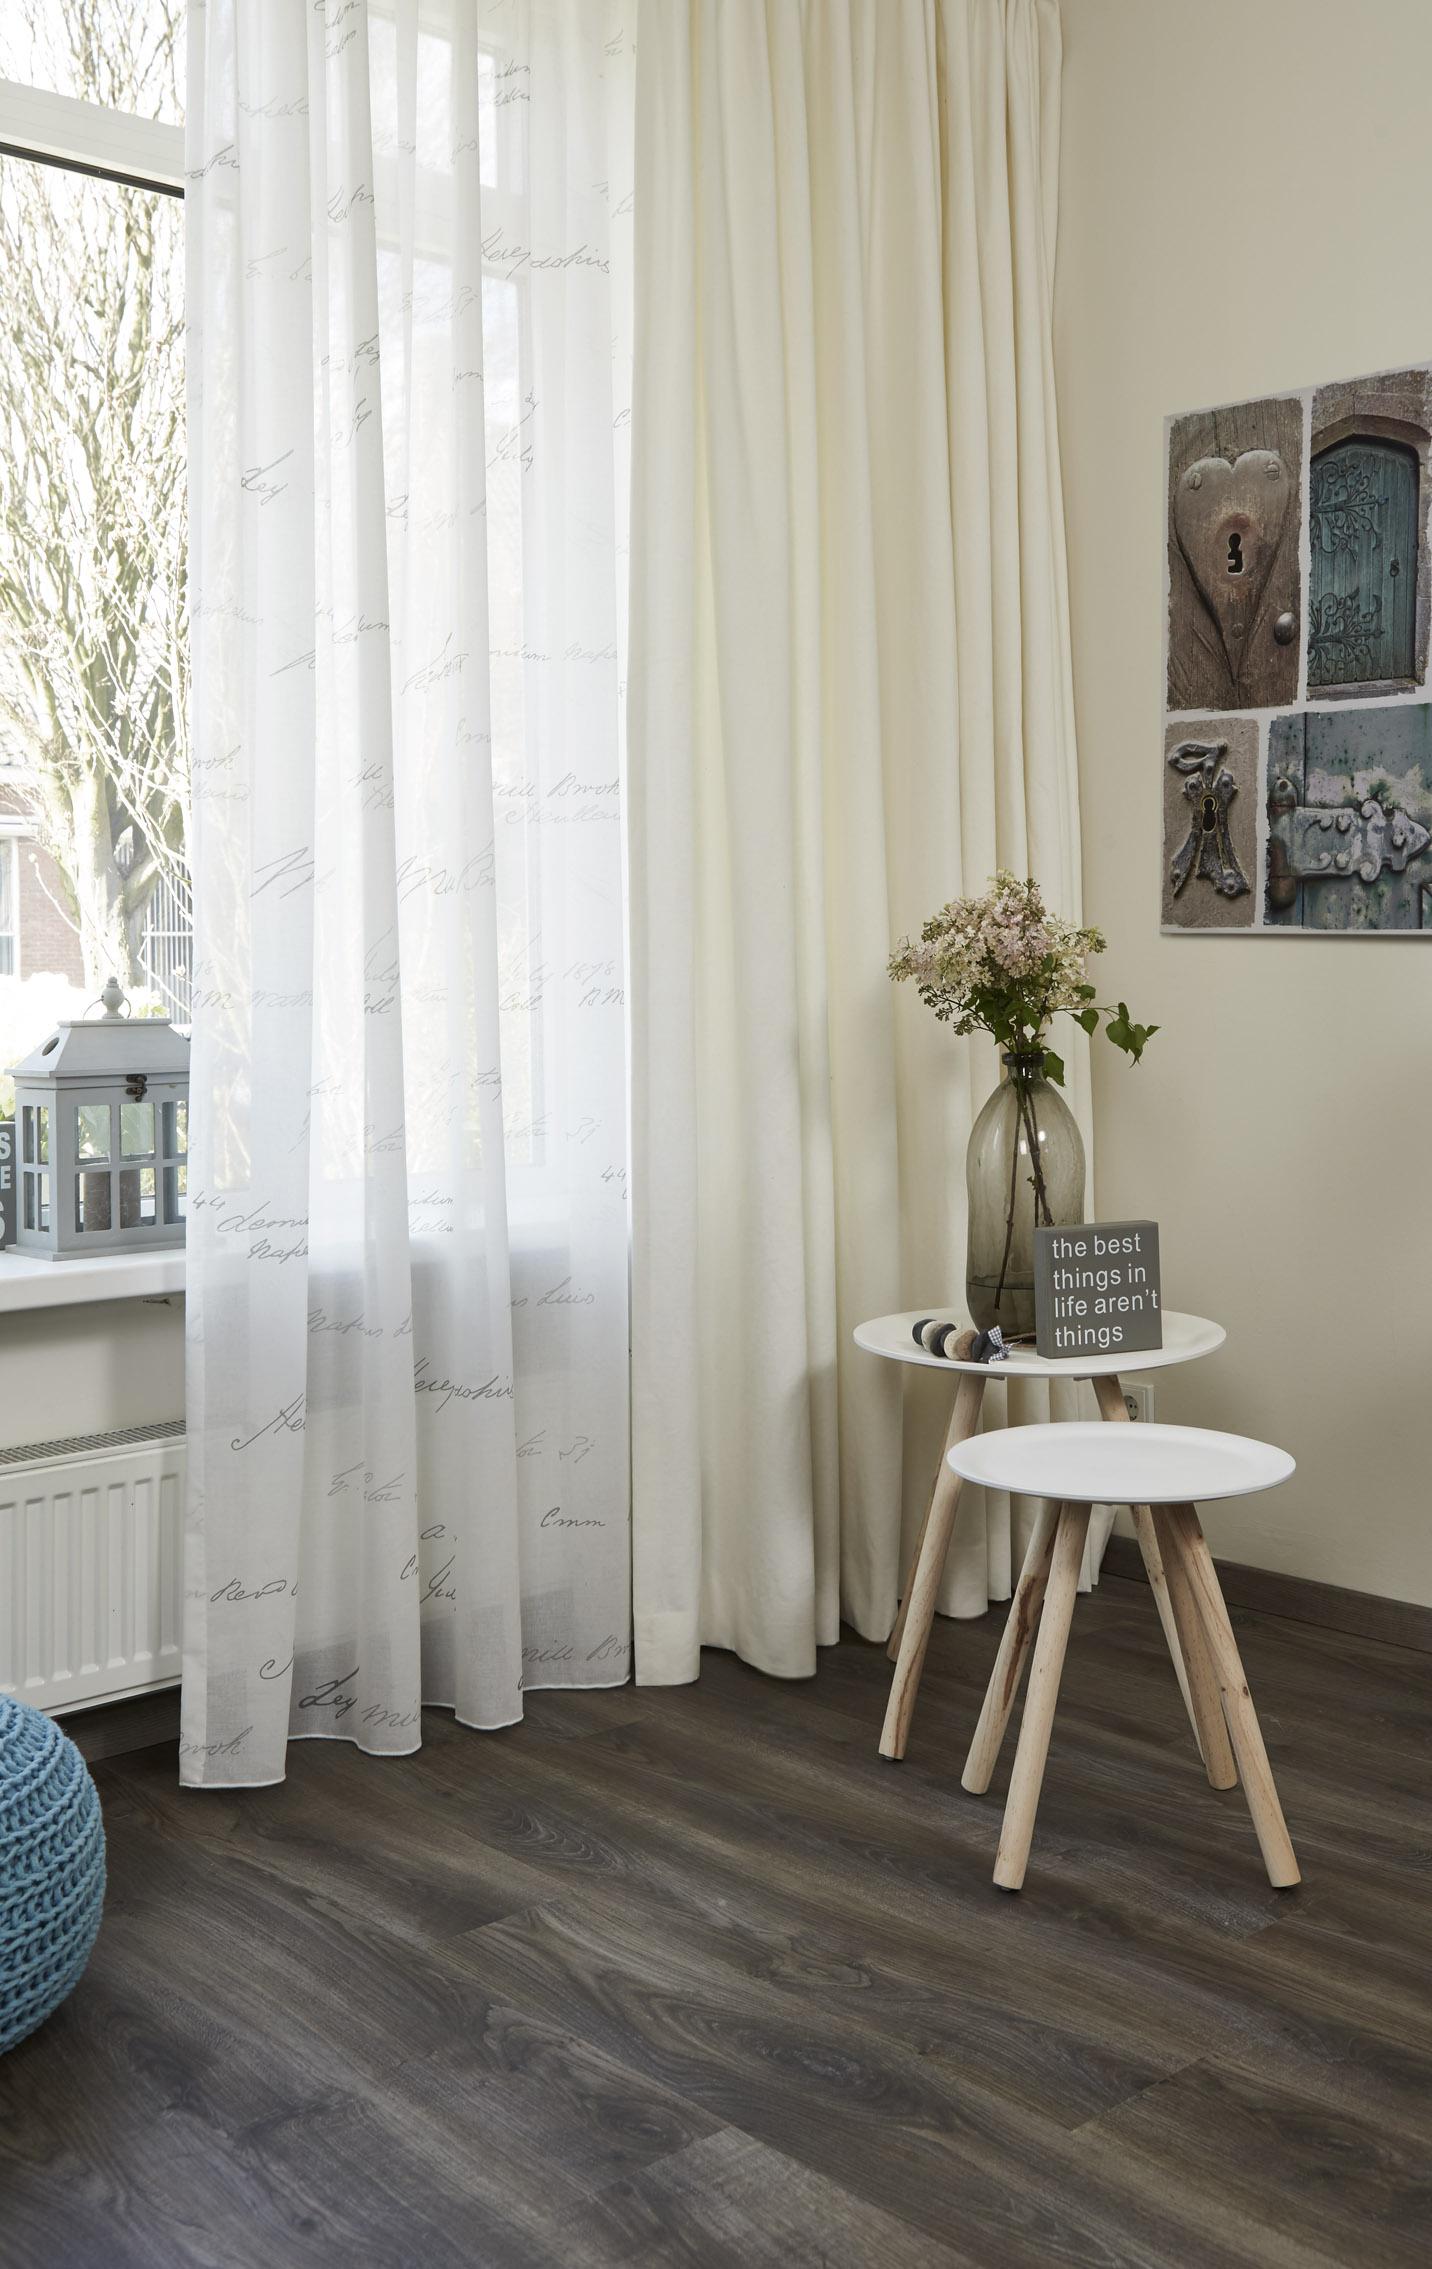 http://woonpleinenschede.nl/wp-content/uploads/2015/05/LR_HR_0413004_Floor-0411062_JasmijnWit_BE-2.jpg